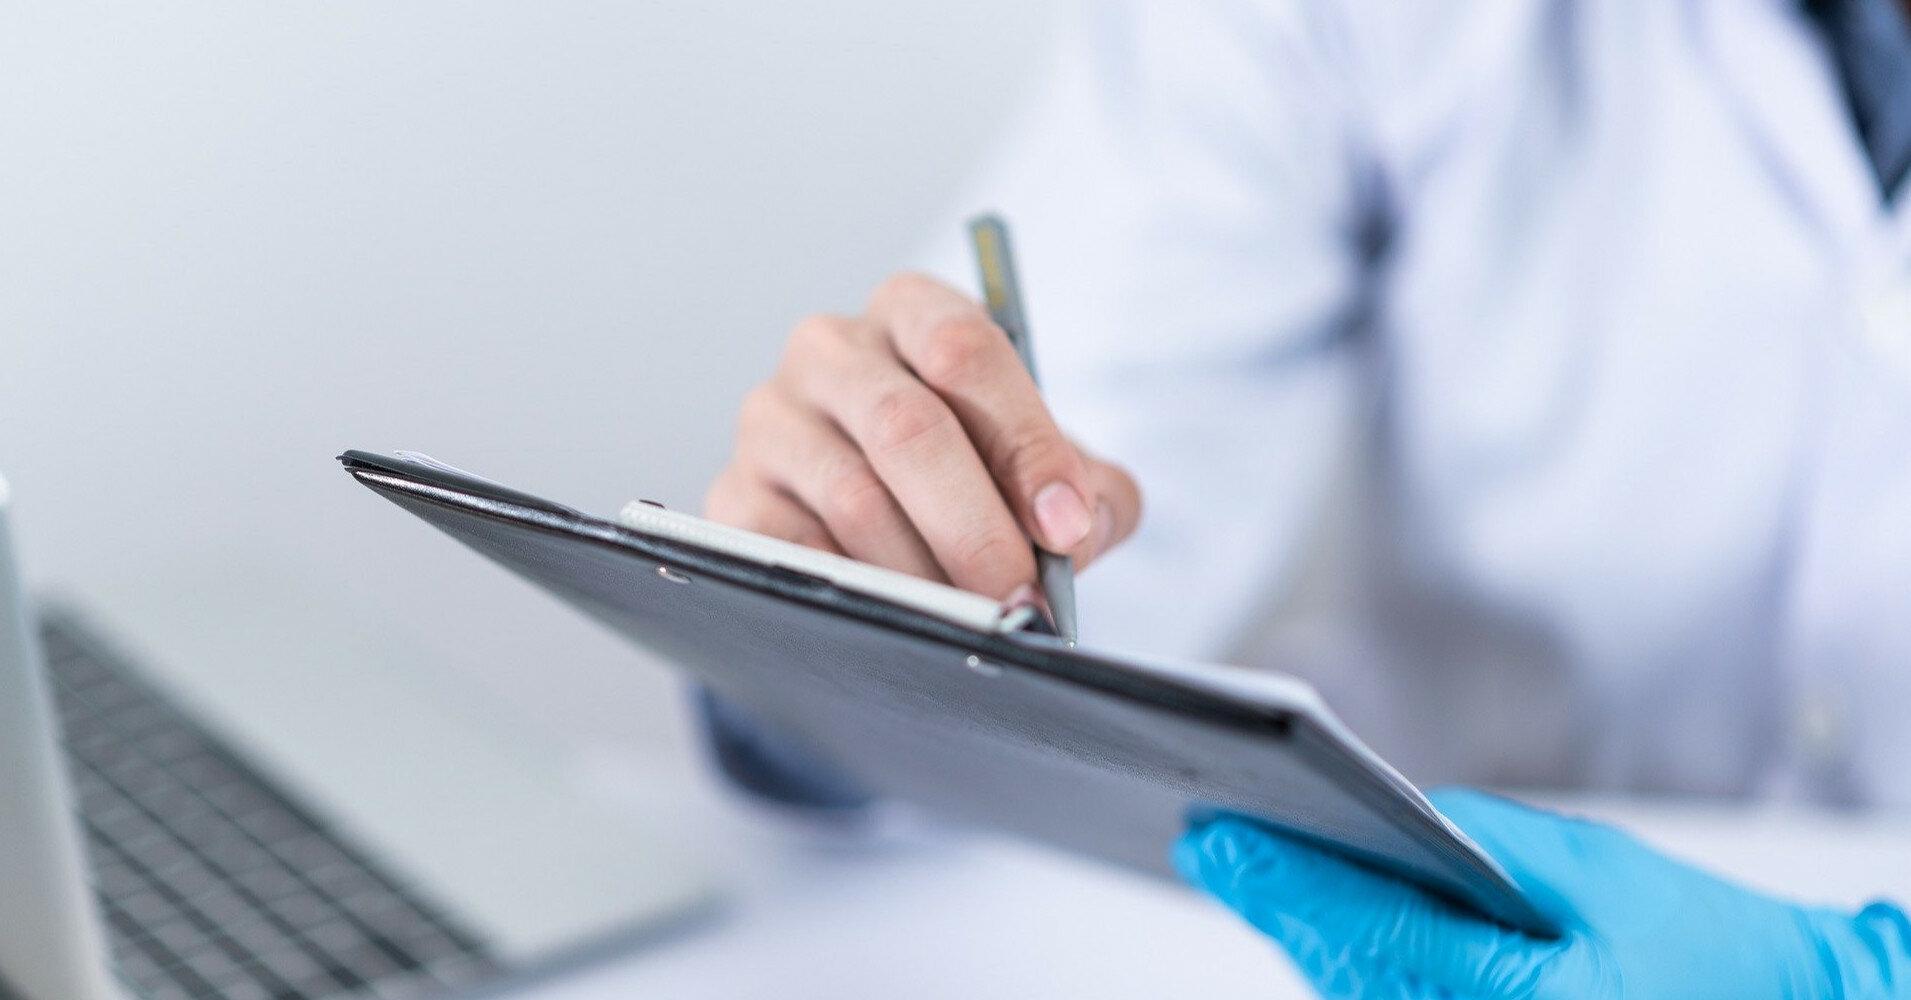 В Минздраве подготовили порядок выдачи электронных больничных